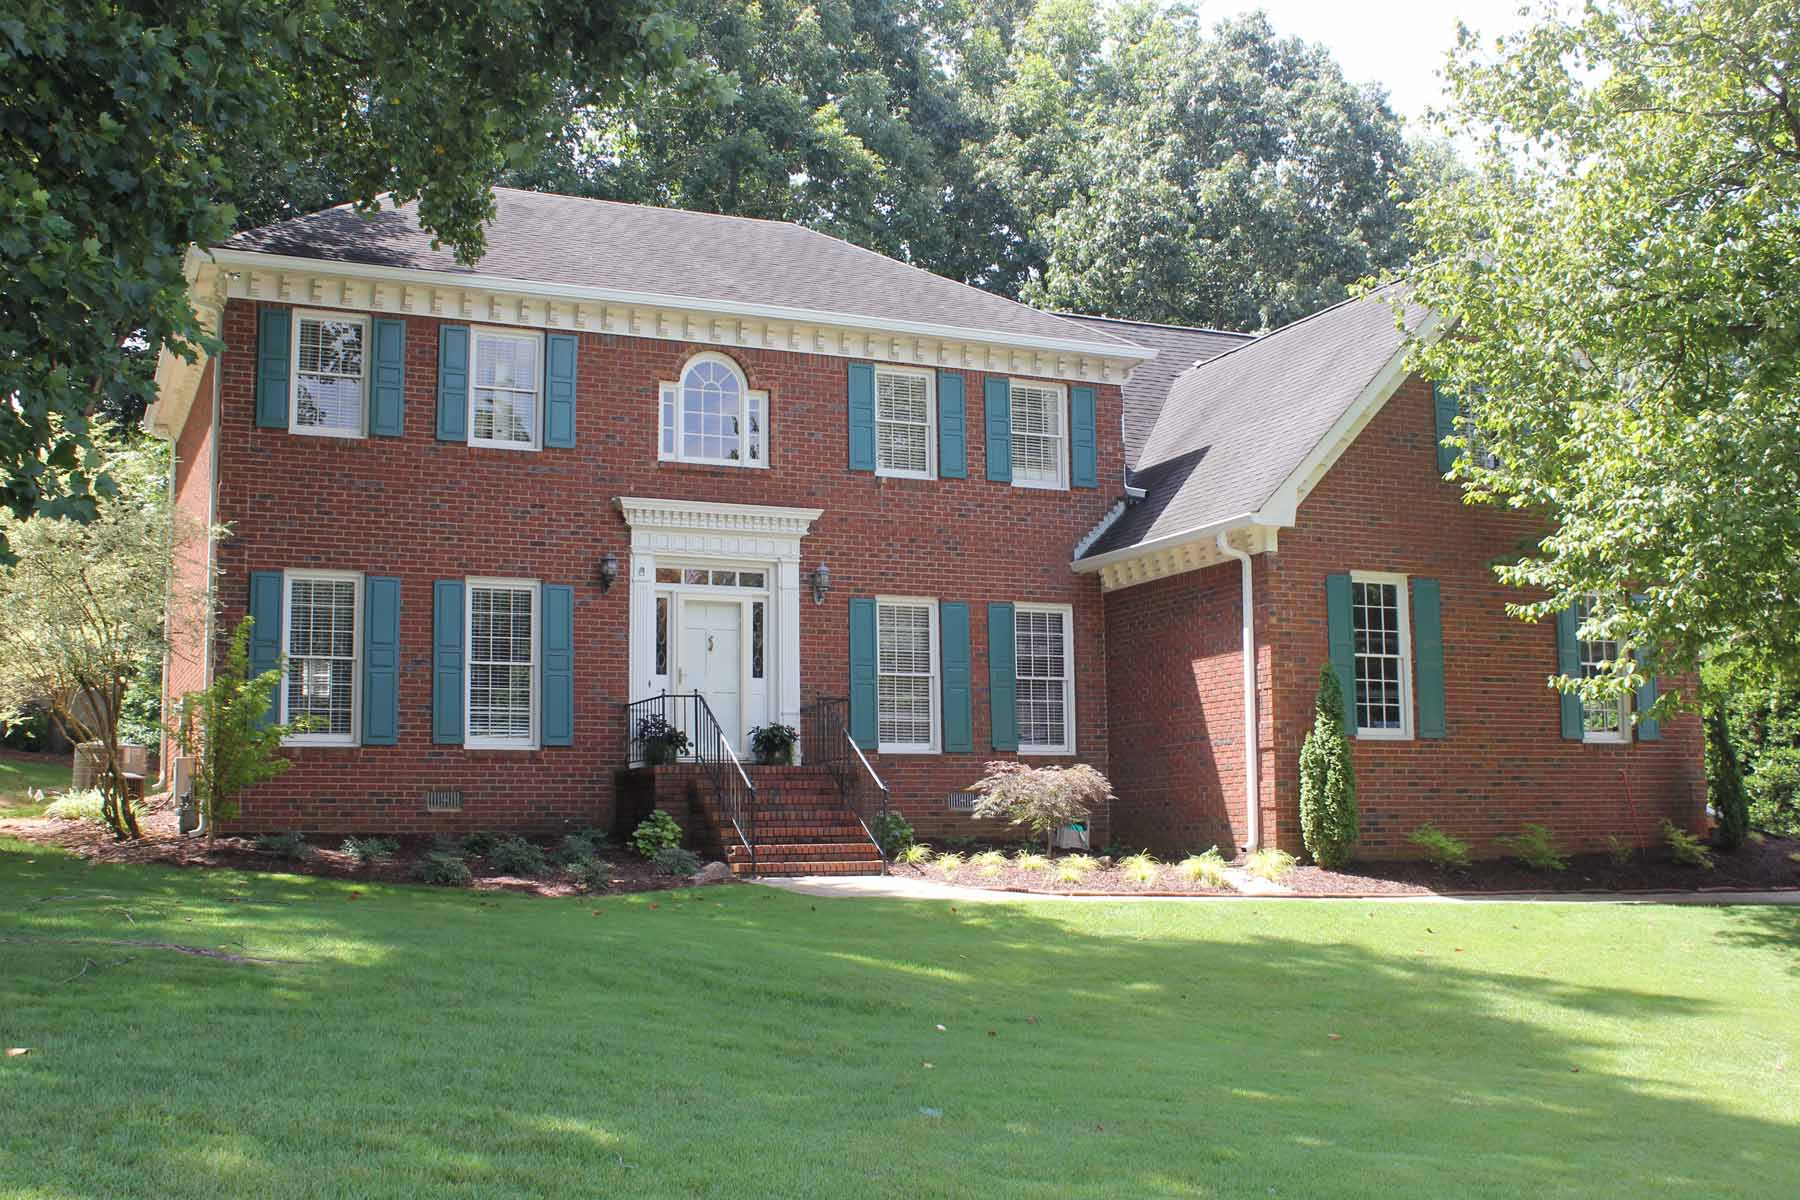 Maison unifamiliale pour l Vente à Stately Four Bedroom on Cul-De-Sac 3424 Townley Place Lawrenceville, Georgia, 30044 États-Unis